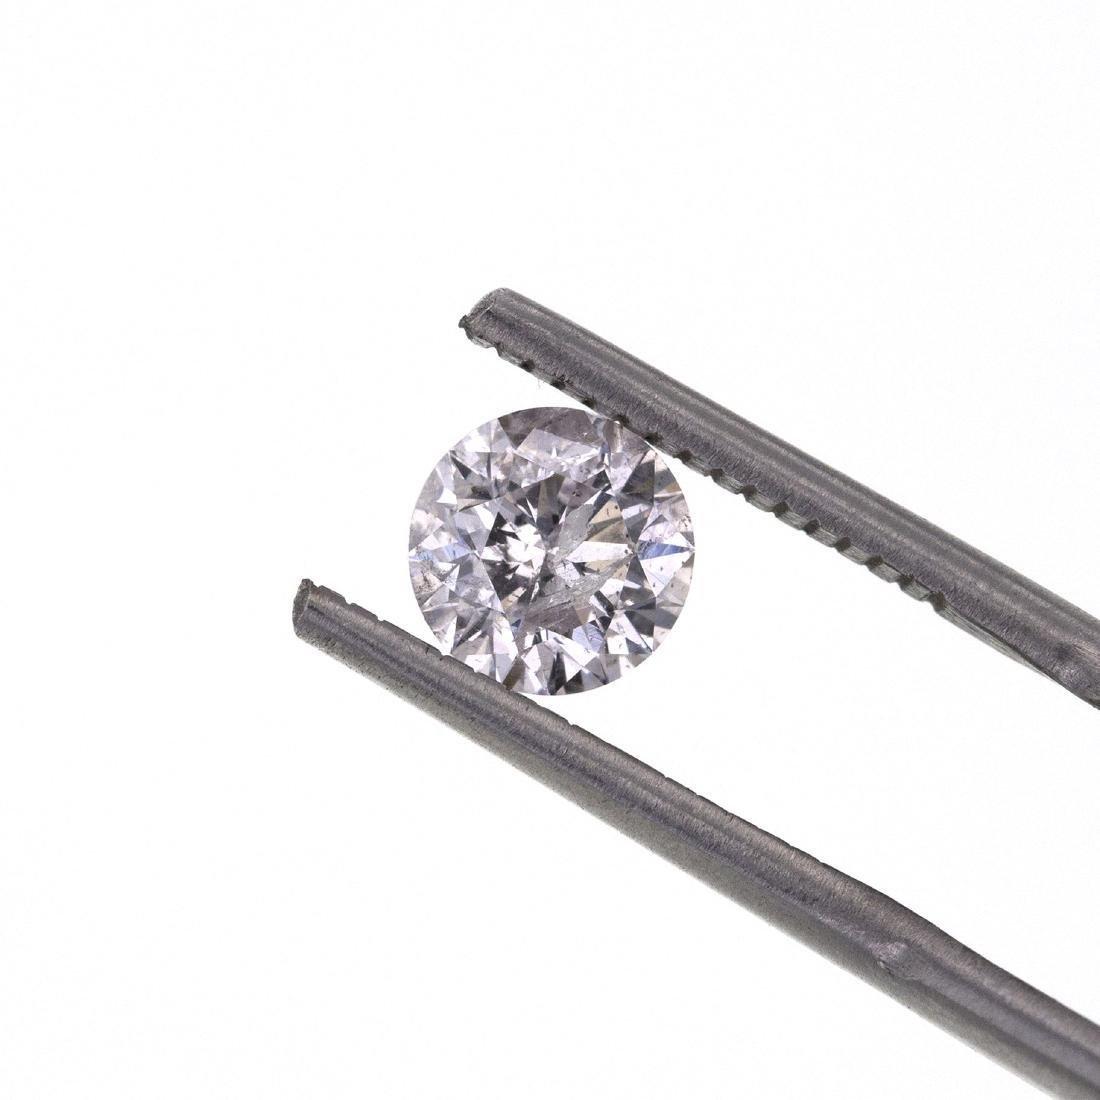 1.03 Carat Loose Natural Faint Pink GIA Diamond